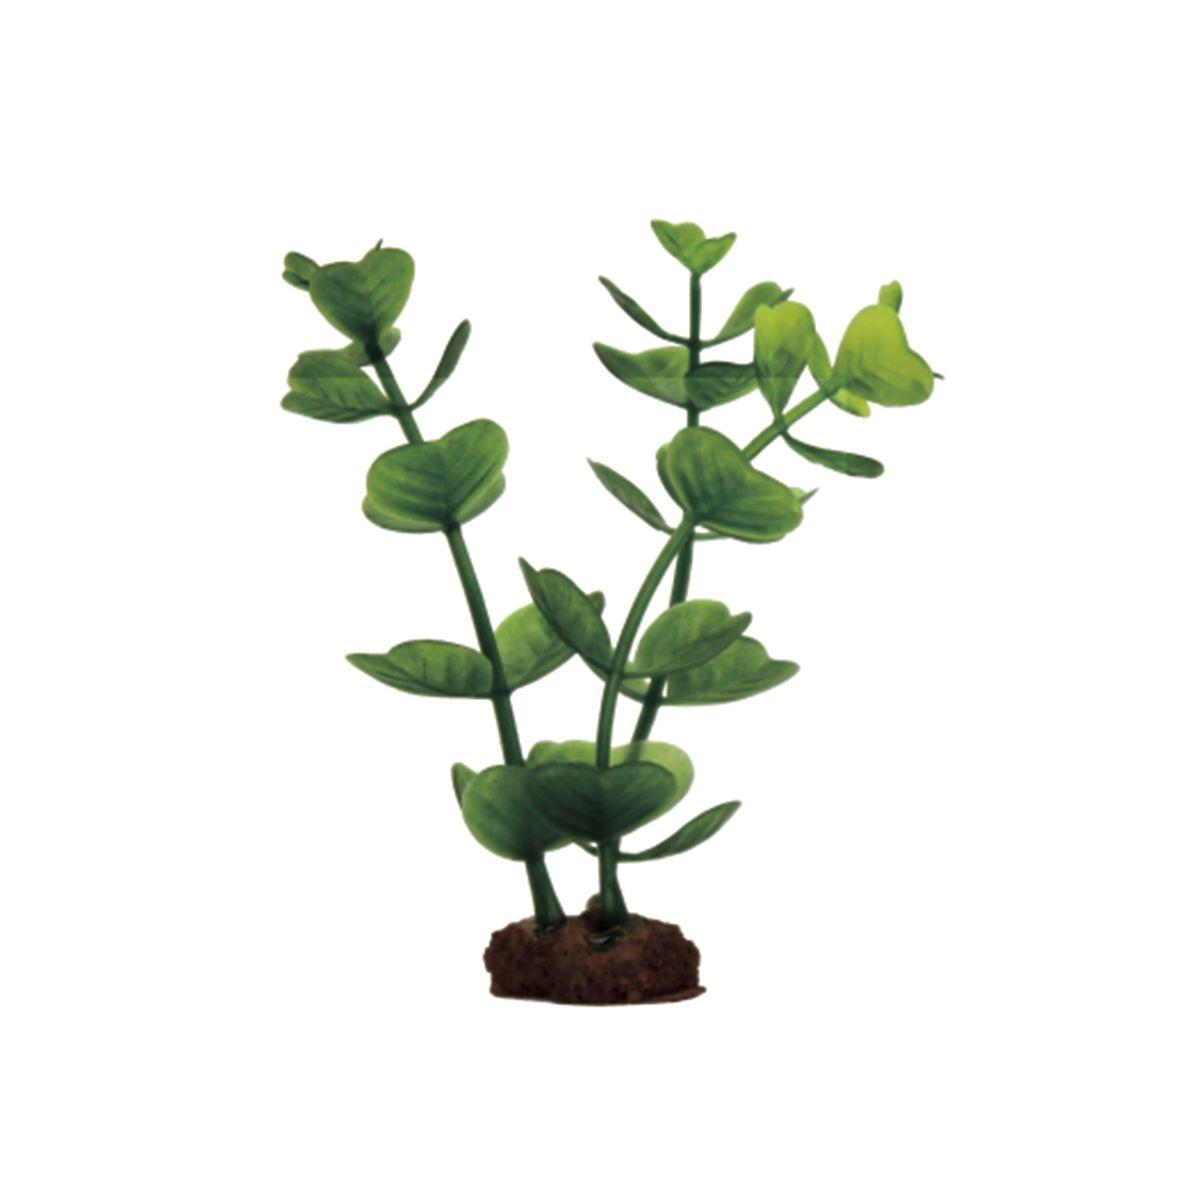 Растение для аквариума ArtUniq Бакопа, высота 10 см, 6 штART-1170504Растение для аквариума ArtUniq Бакопа, высота 10 см, 6 шт